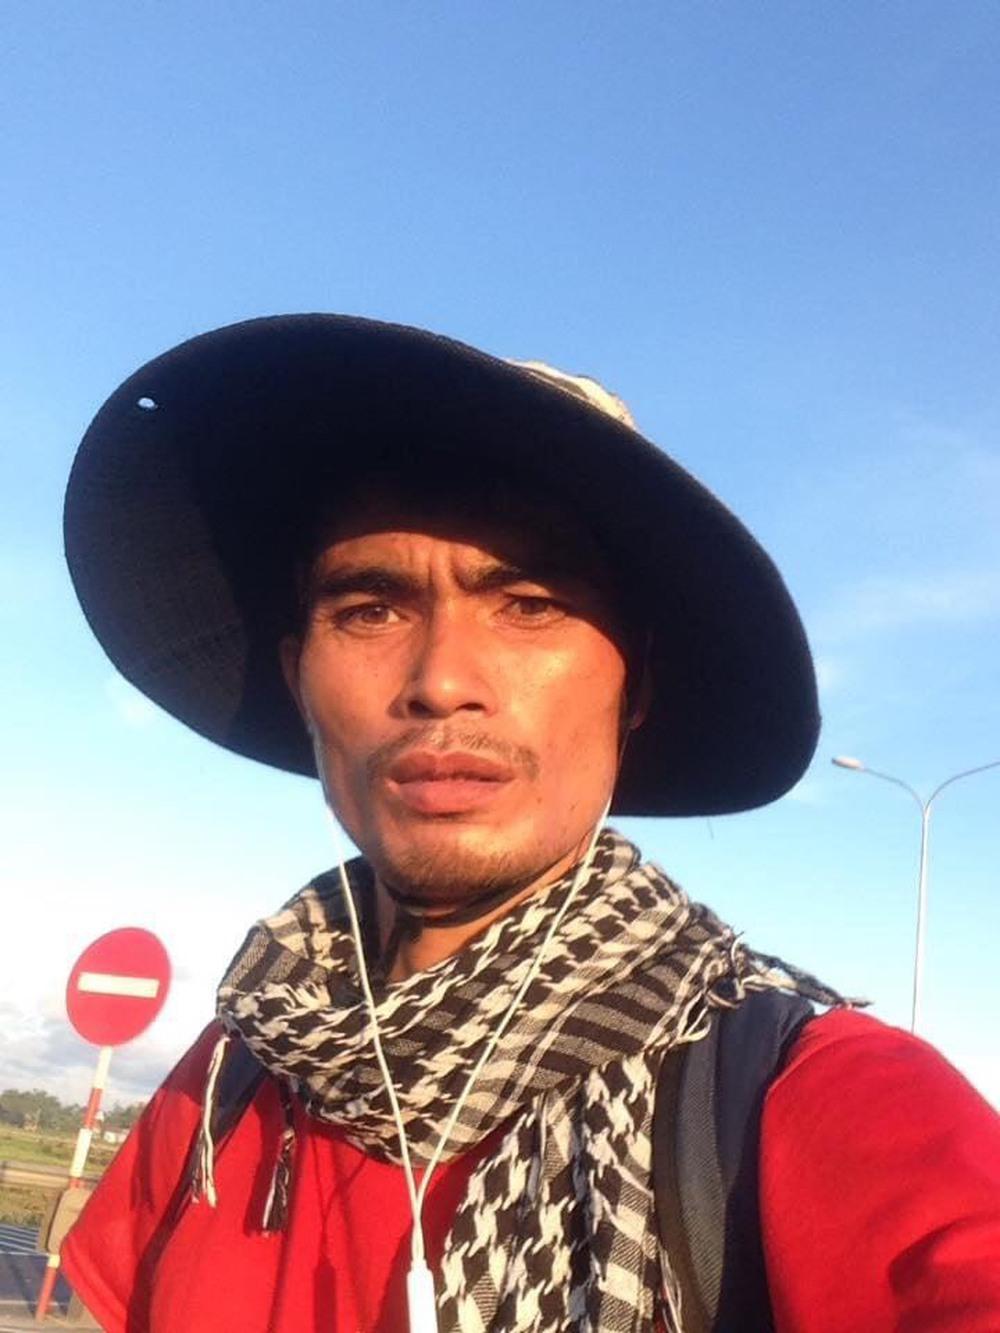 Kinh doanh lỗ gần 1 tỷ đồng, chàng trai Bắc Giang đi bộ xuyên Việt 65 ngày bỏ lại tất cả sau lưng - Ảnh 3.